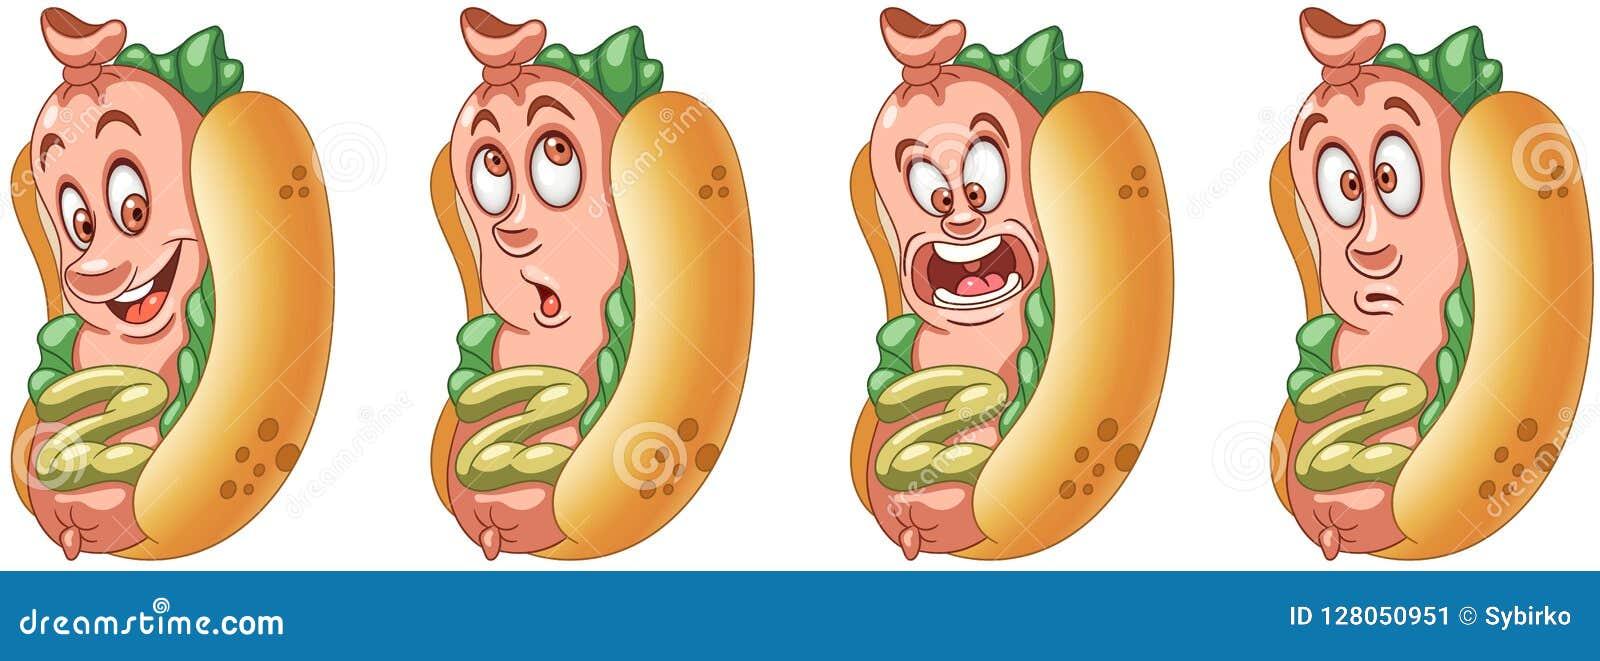 Chicago Style Hot Dog Pizza Bites | Chicago style hot dog, Hot dog ... | 661x1600